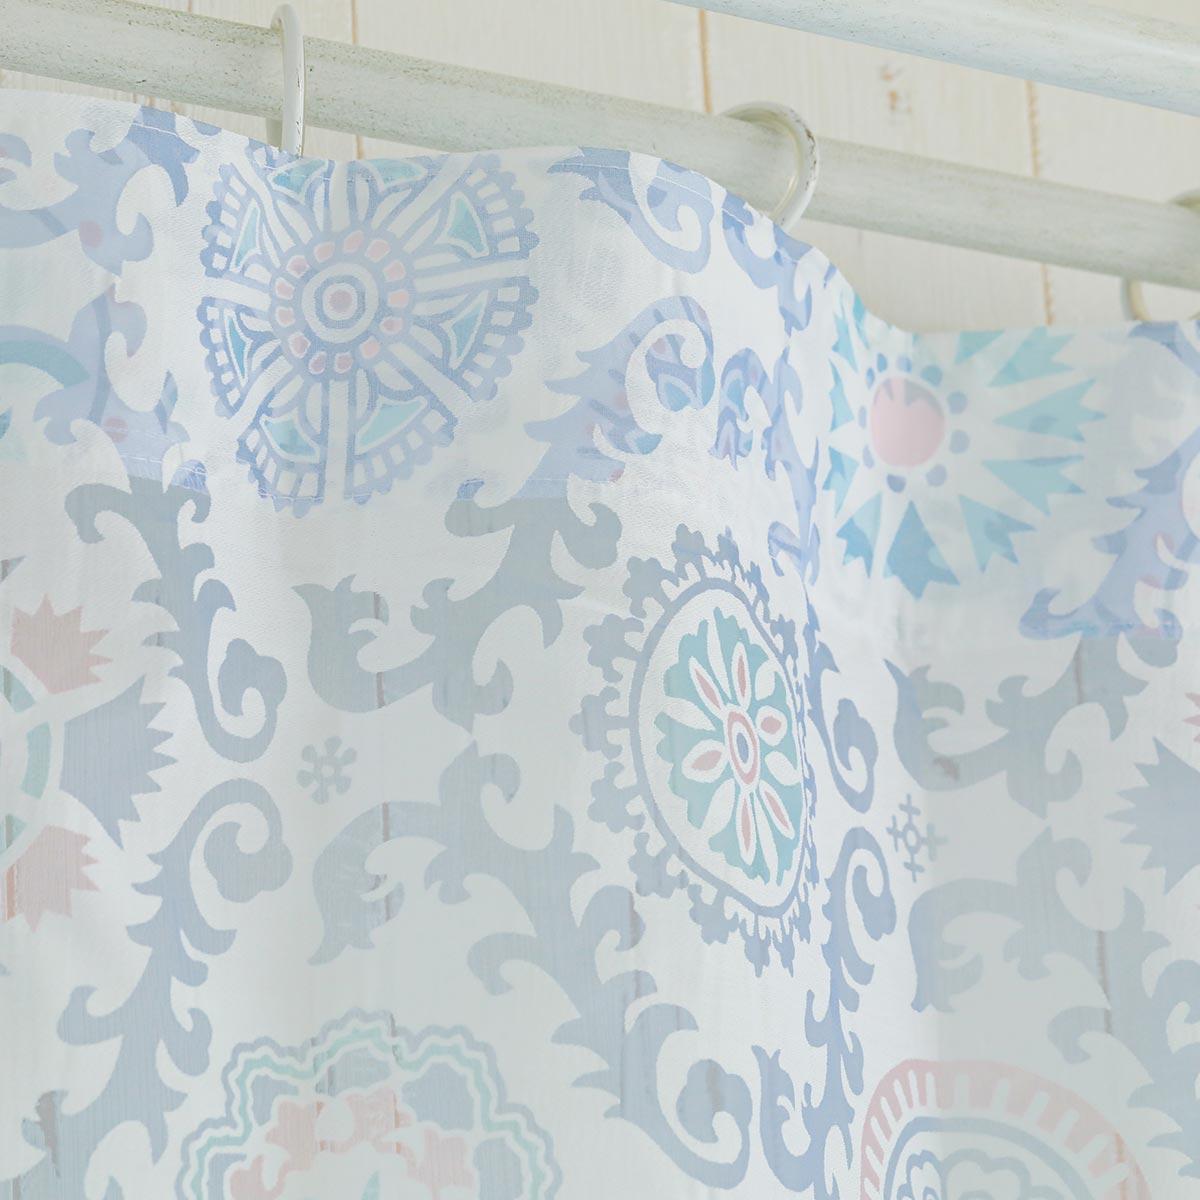 オパールレースカーテン『ピエラ』説明画像3